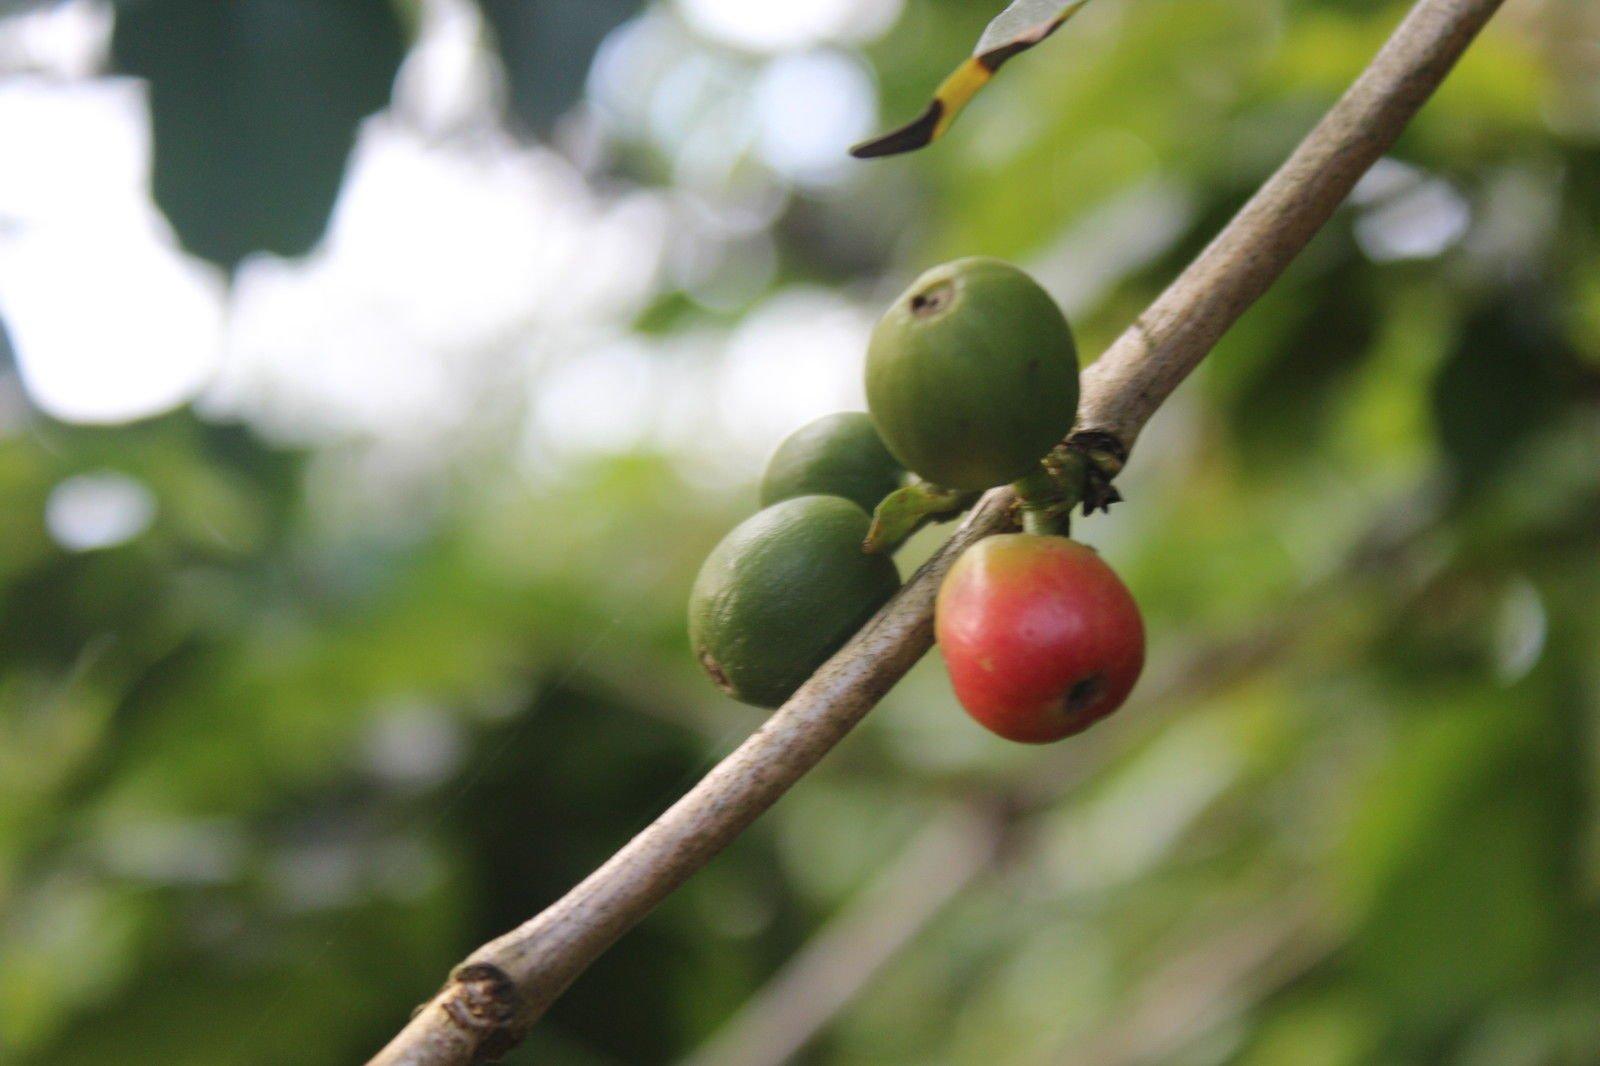 5-Kenyan-Unroasted-Green-Coffee-Beans-Kenya-Ab-_57